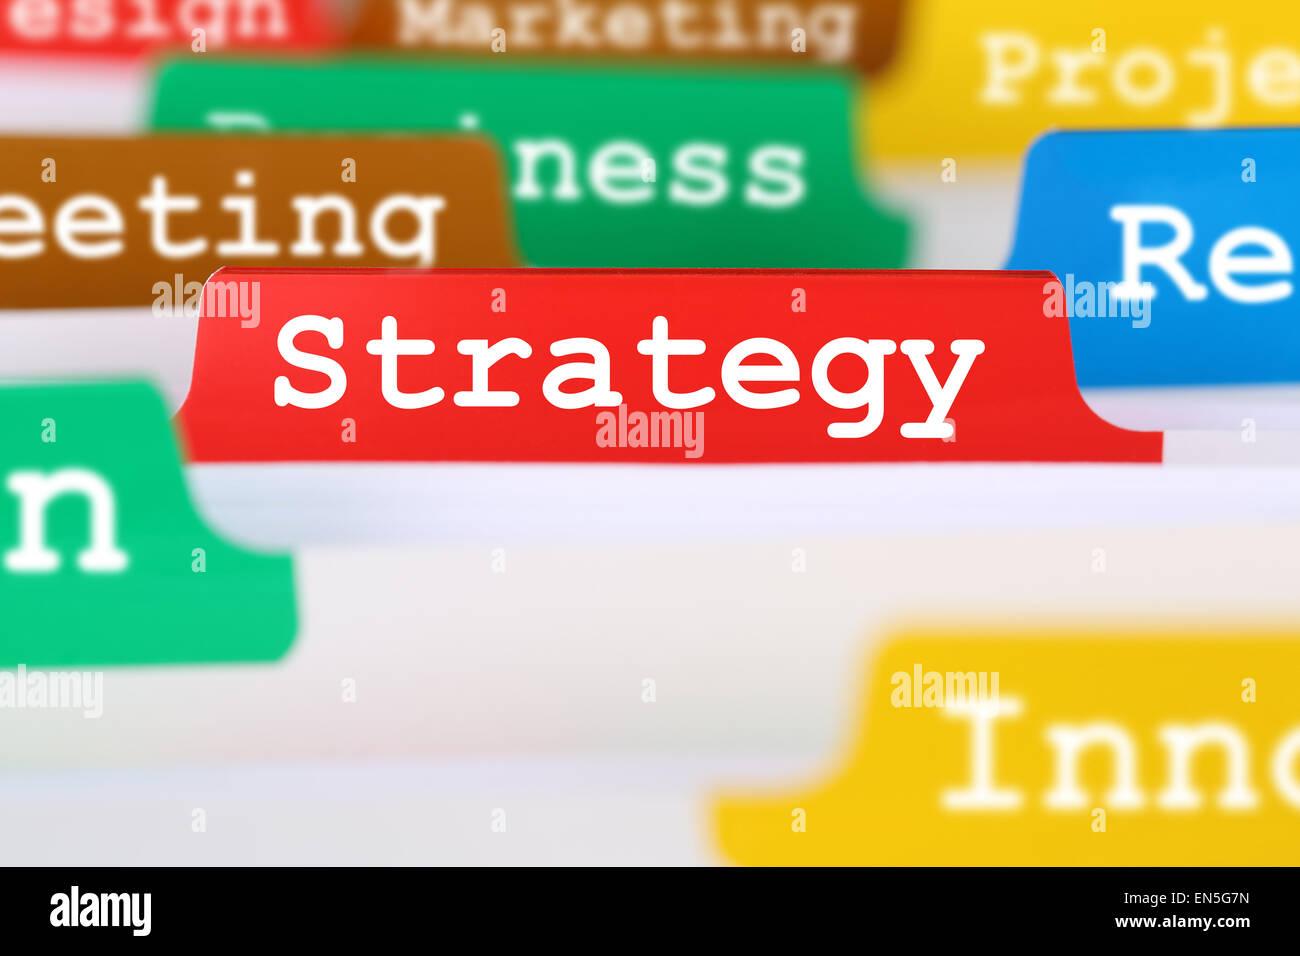 Exitosa estrategia y desarrollo de una empresa en registrarse en servicios empresariales documentos Imagen De Stock